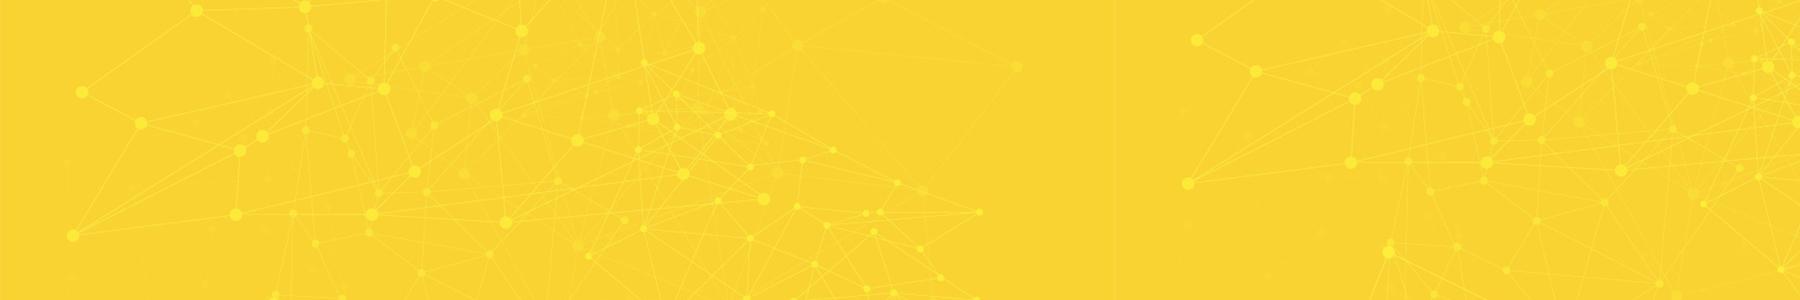 ΕΔΕΑΥ 6 Δ.Σ.ΑΓΡΙΝΙΟΥ brΠΟΠΗ ΤΣΟΥΦΛΙΔΟΥ -ΨΥΧΟΛΟΓΟΣ brΧΡΙΣΤΙΝΑ ΧΡΙΣΤΟΠΟΥΛΟΥ -ΚΟΙΝΩΝΙΚΗ ΛΕΙΤΟΥΡΓΟΣ